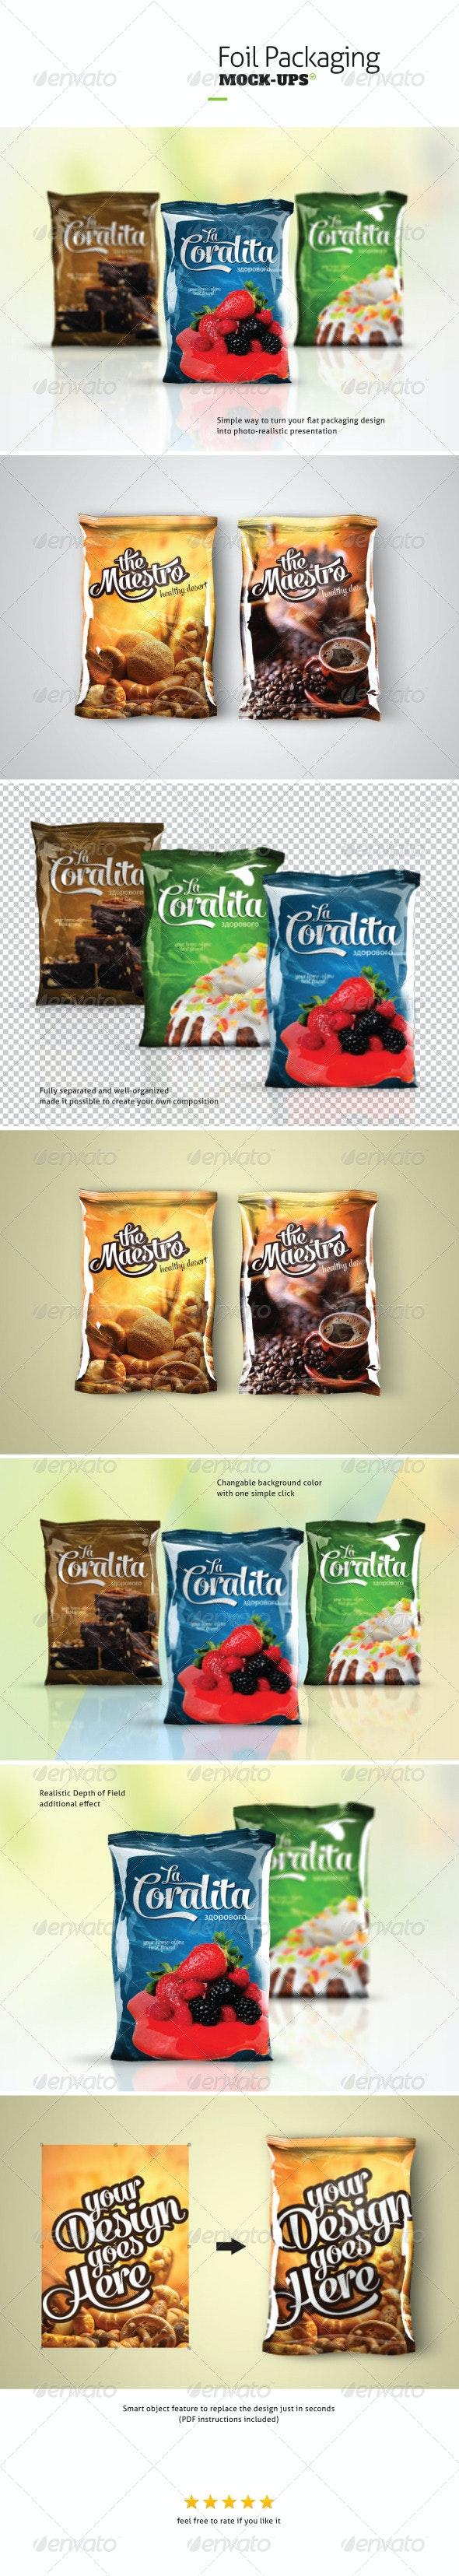 Foil Packaging Mock-ups - Food and Drink Packaging